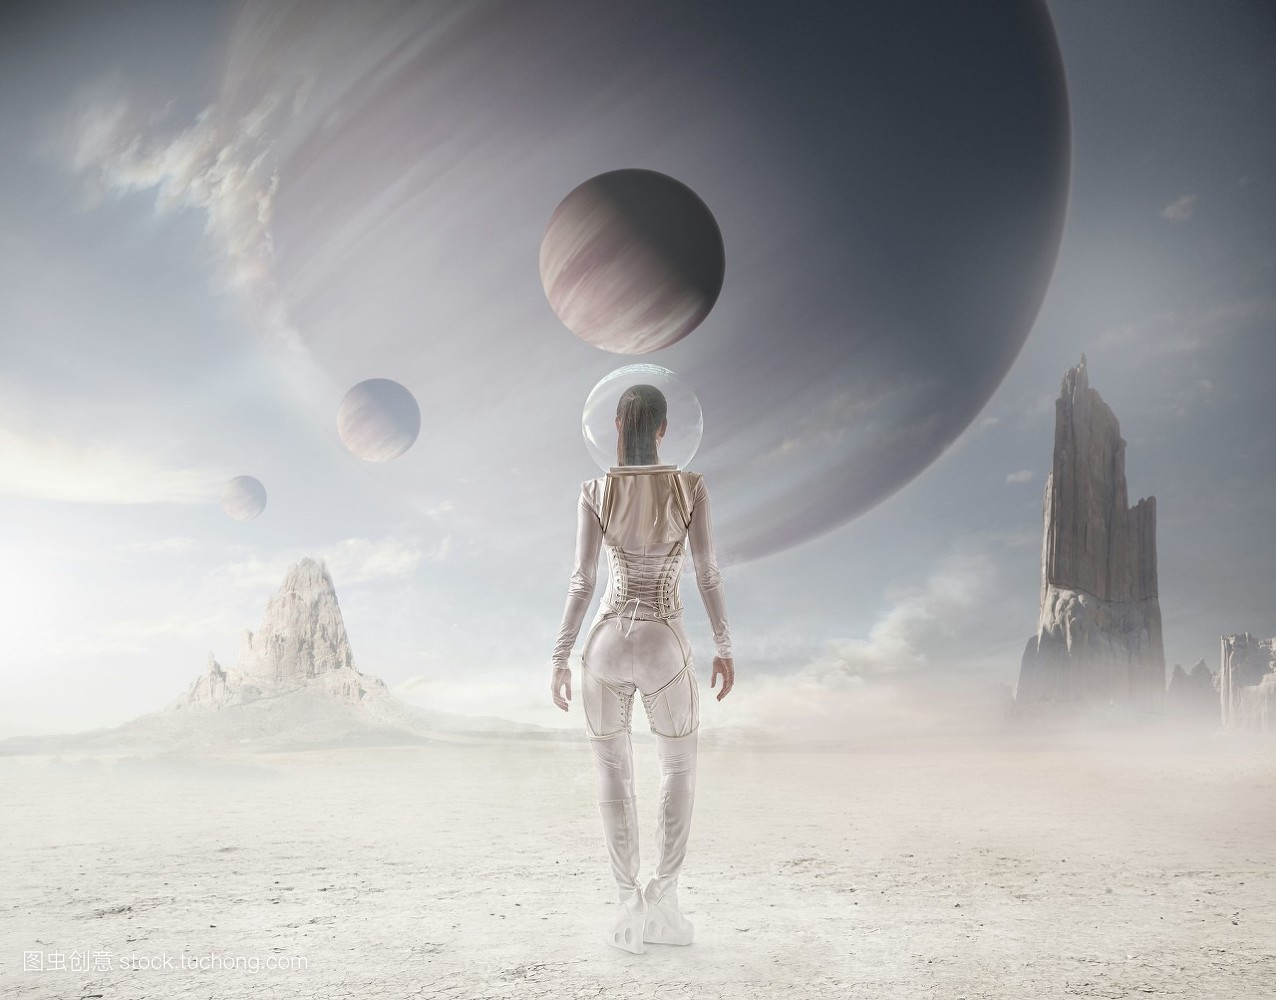 想法,旅程,横图,月亮,想象,一个人,新世界,太空,行星,摄影,保护,岩层图片